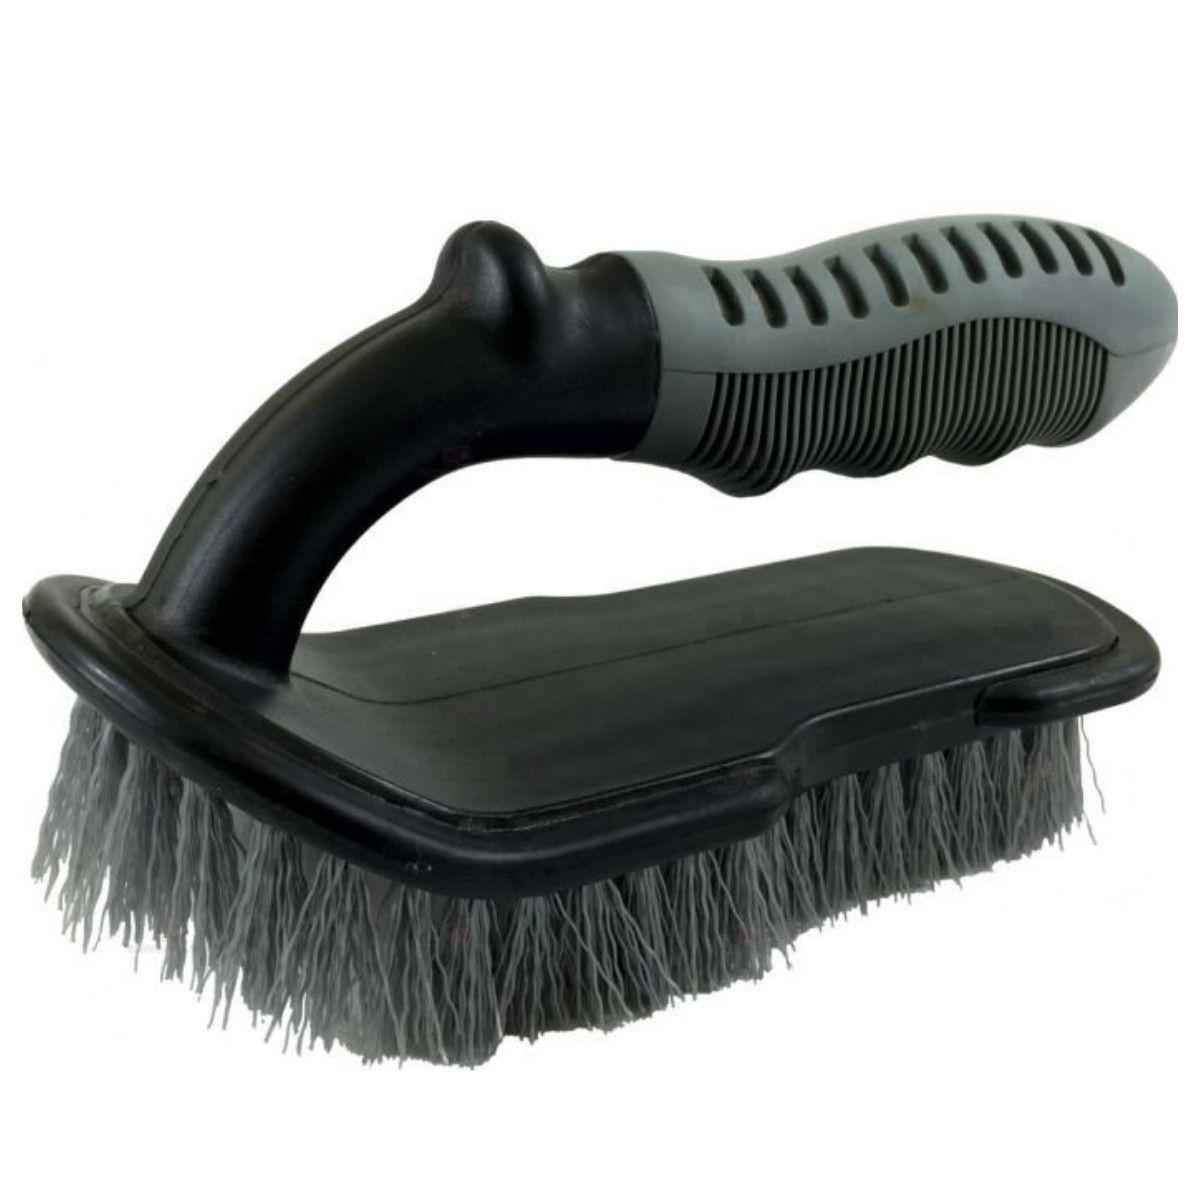 Escova Cerdas Duras P/ Estofados + Escova De Silicone Remoção de Pelos - Mandala